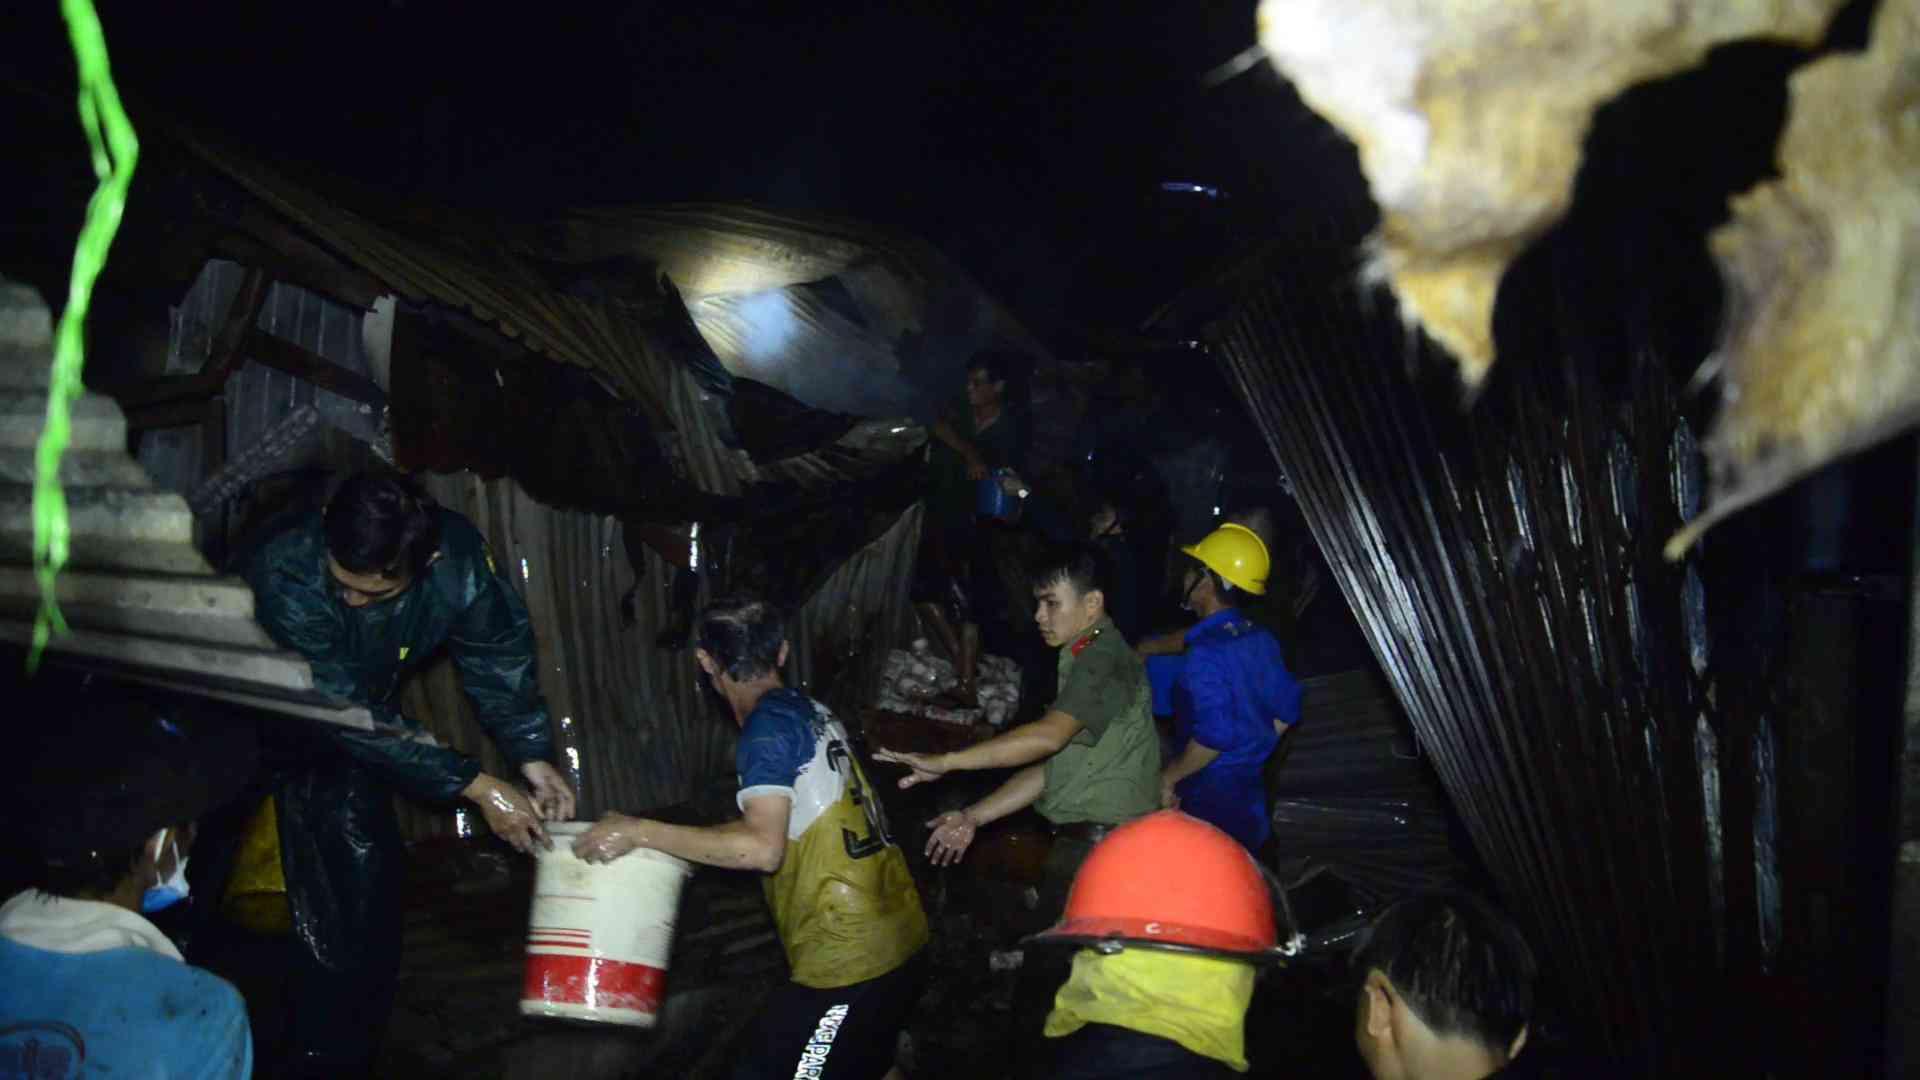 Bình Phước: Chợ thị xã cháy trong đêm, tiểu thương kêu la thất thanh - 1